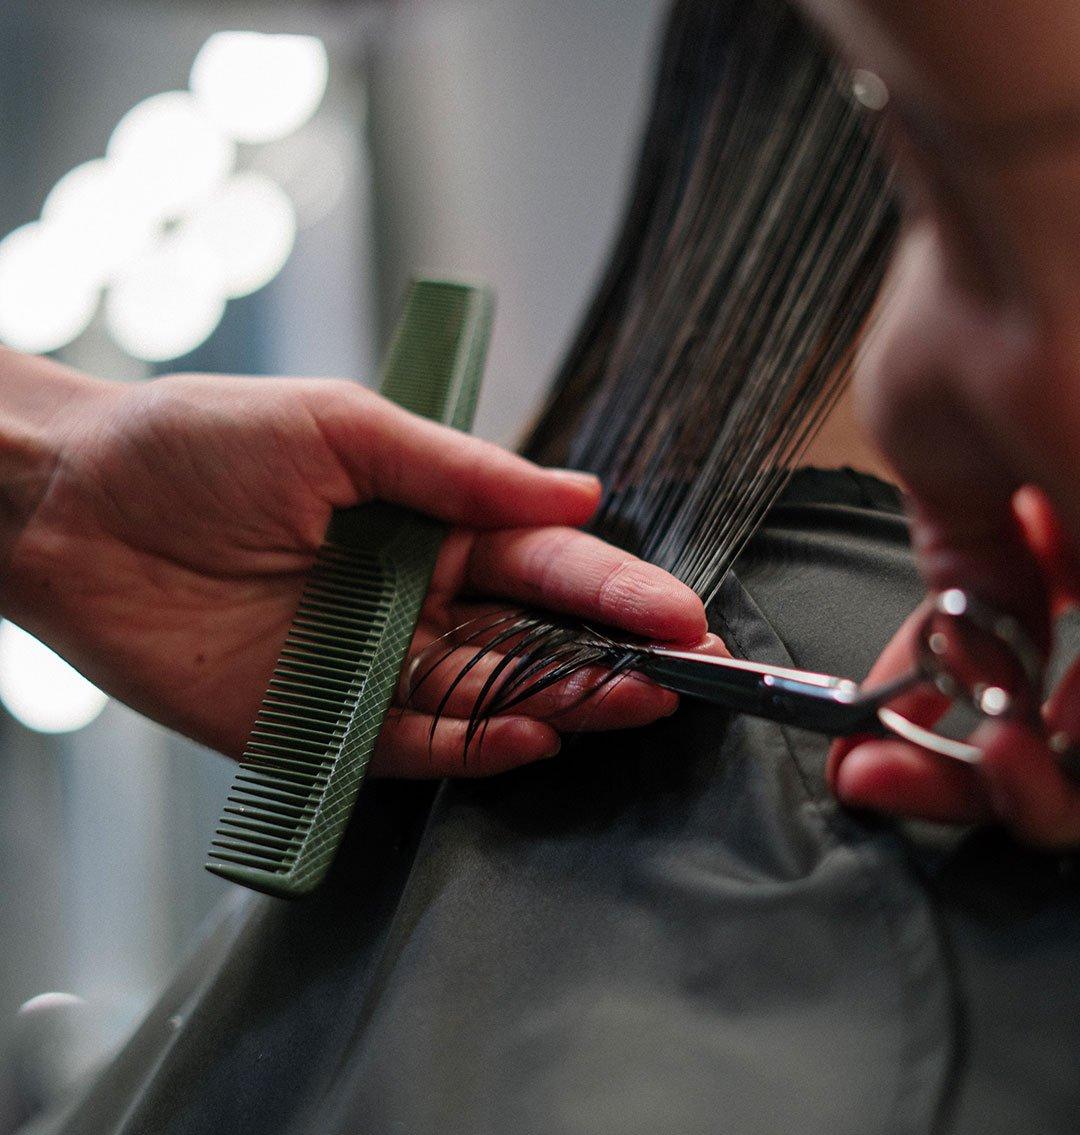 Couper les pointes des cheveux colorés